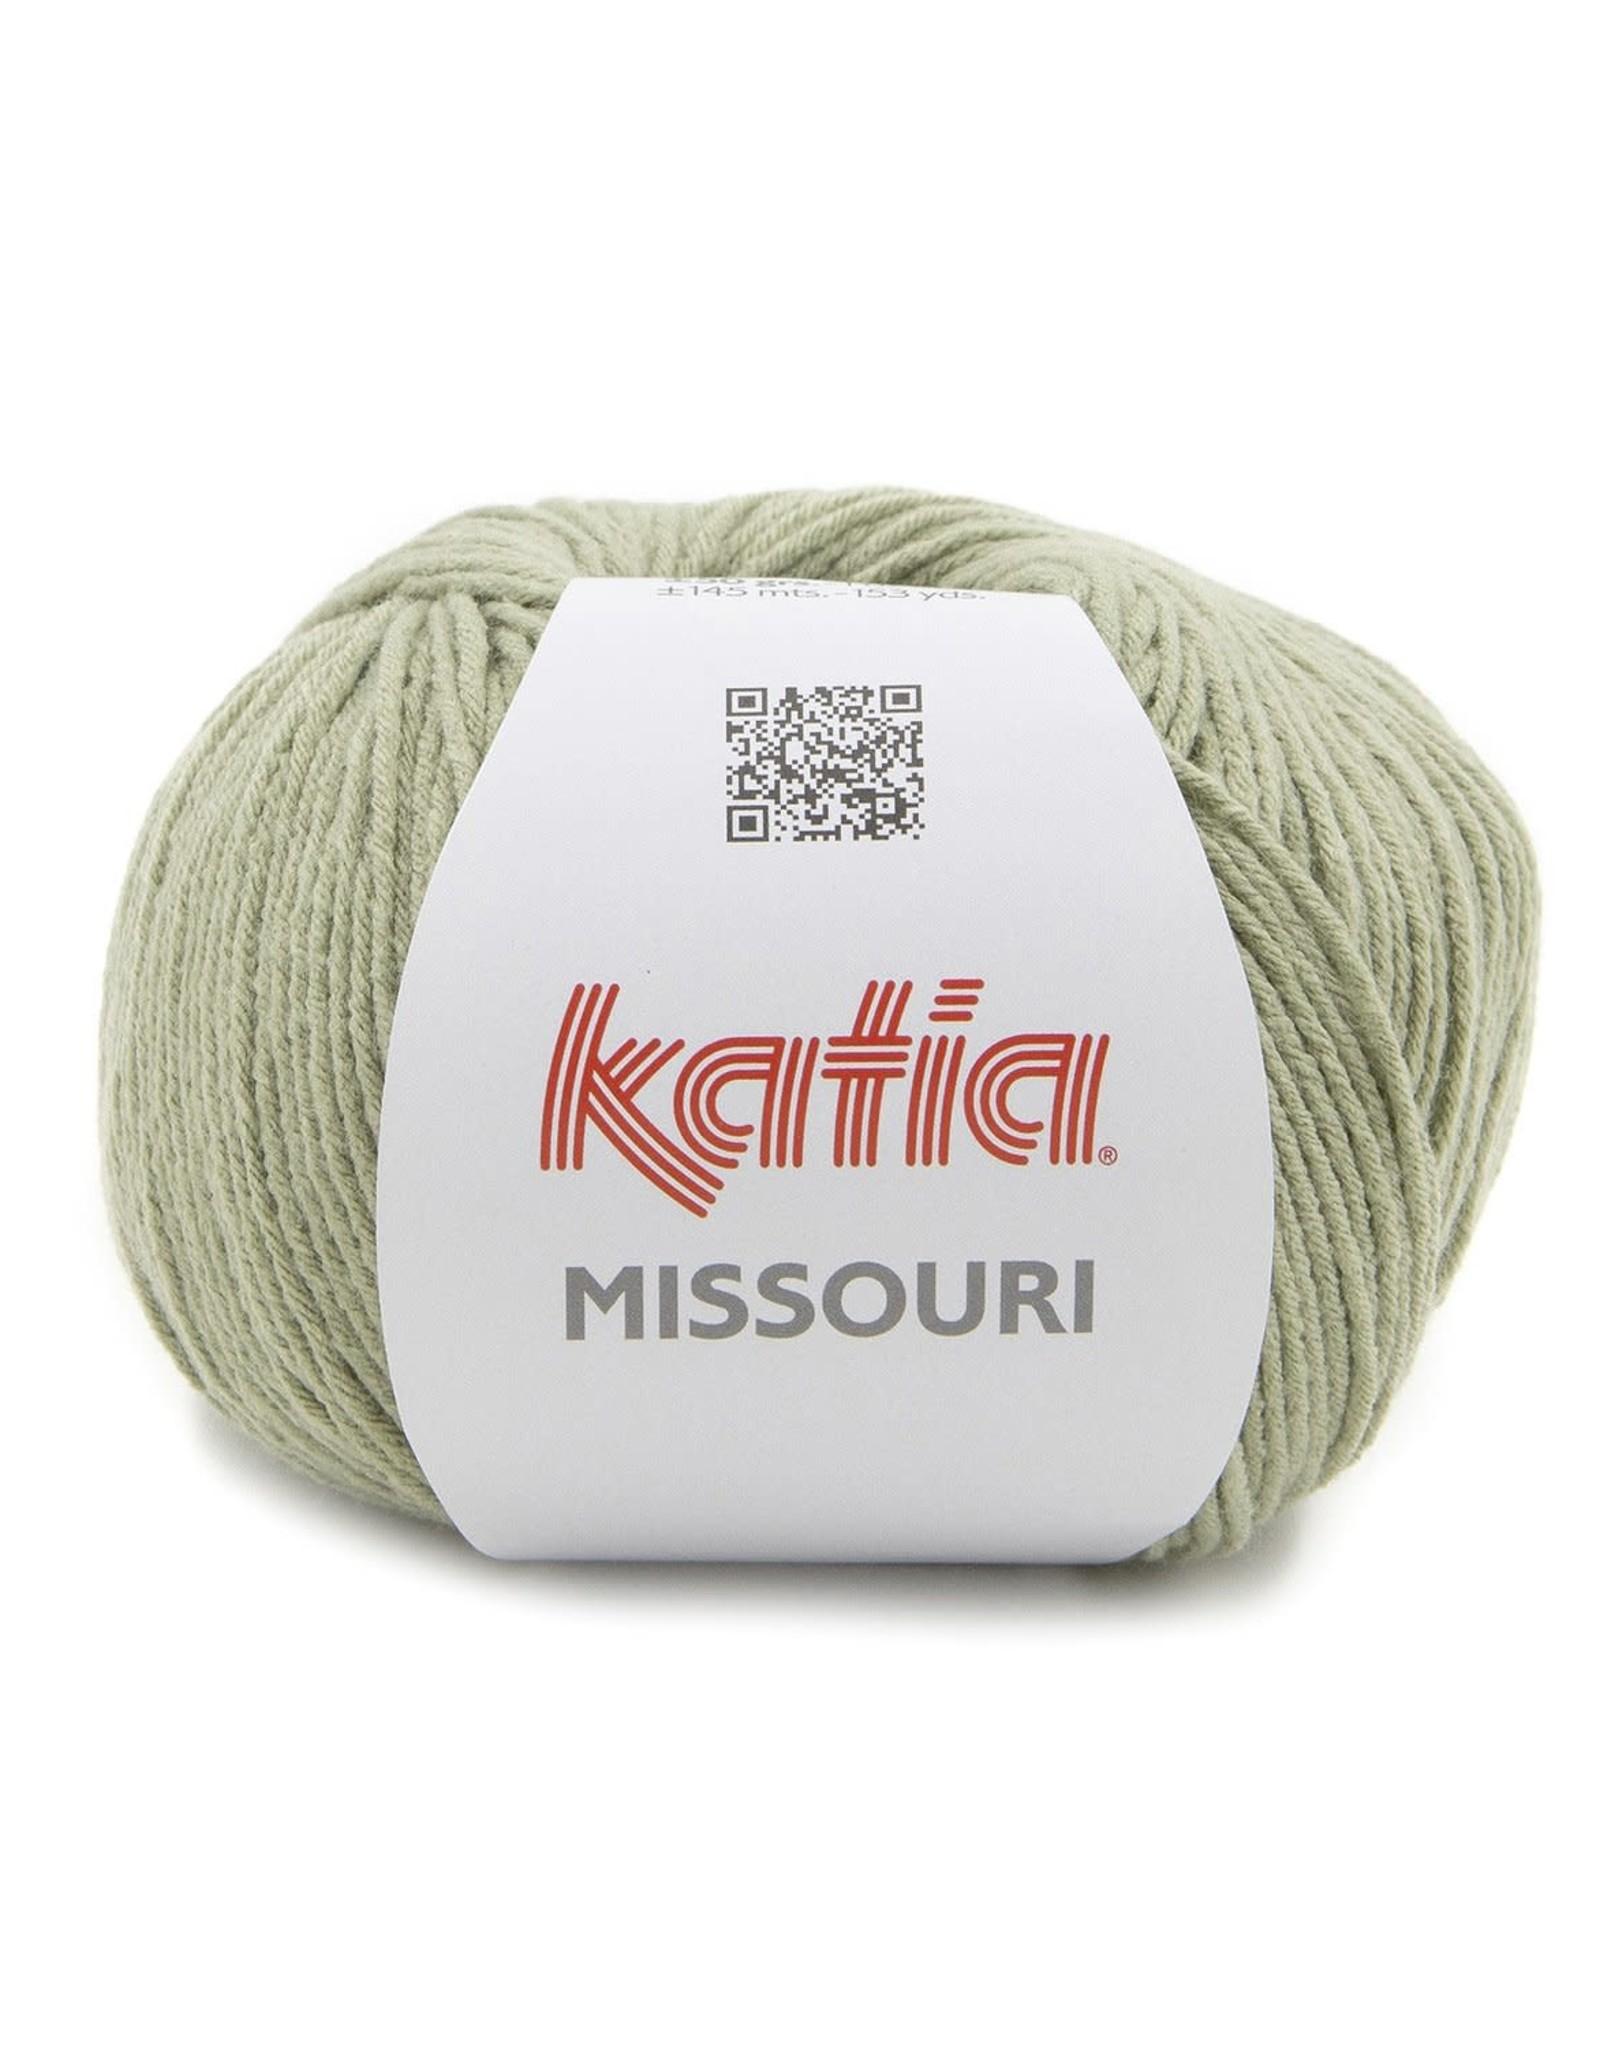 Katia Katia Missouri 49 Rietgroen